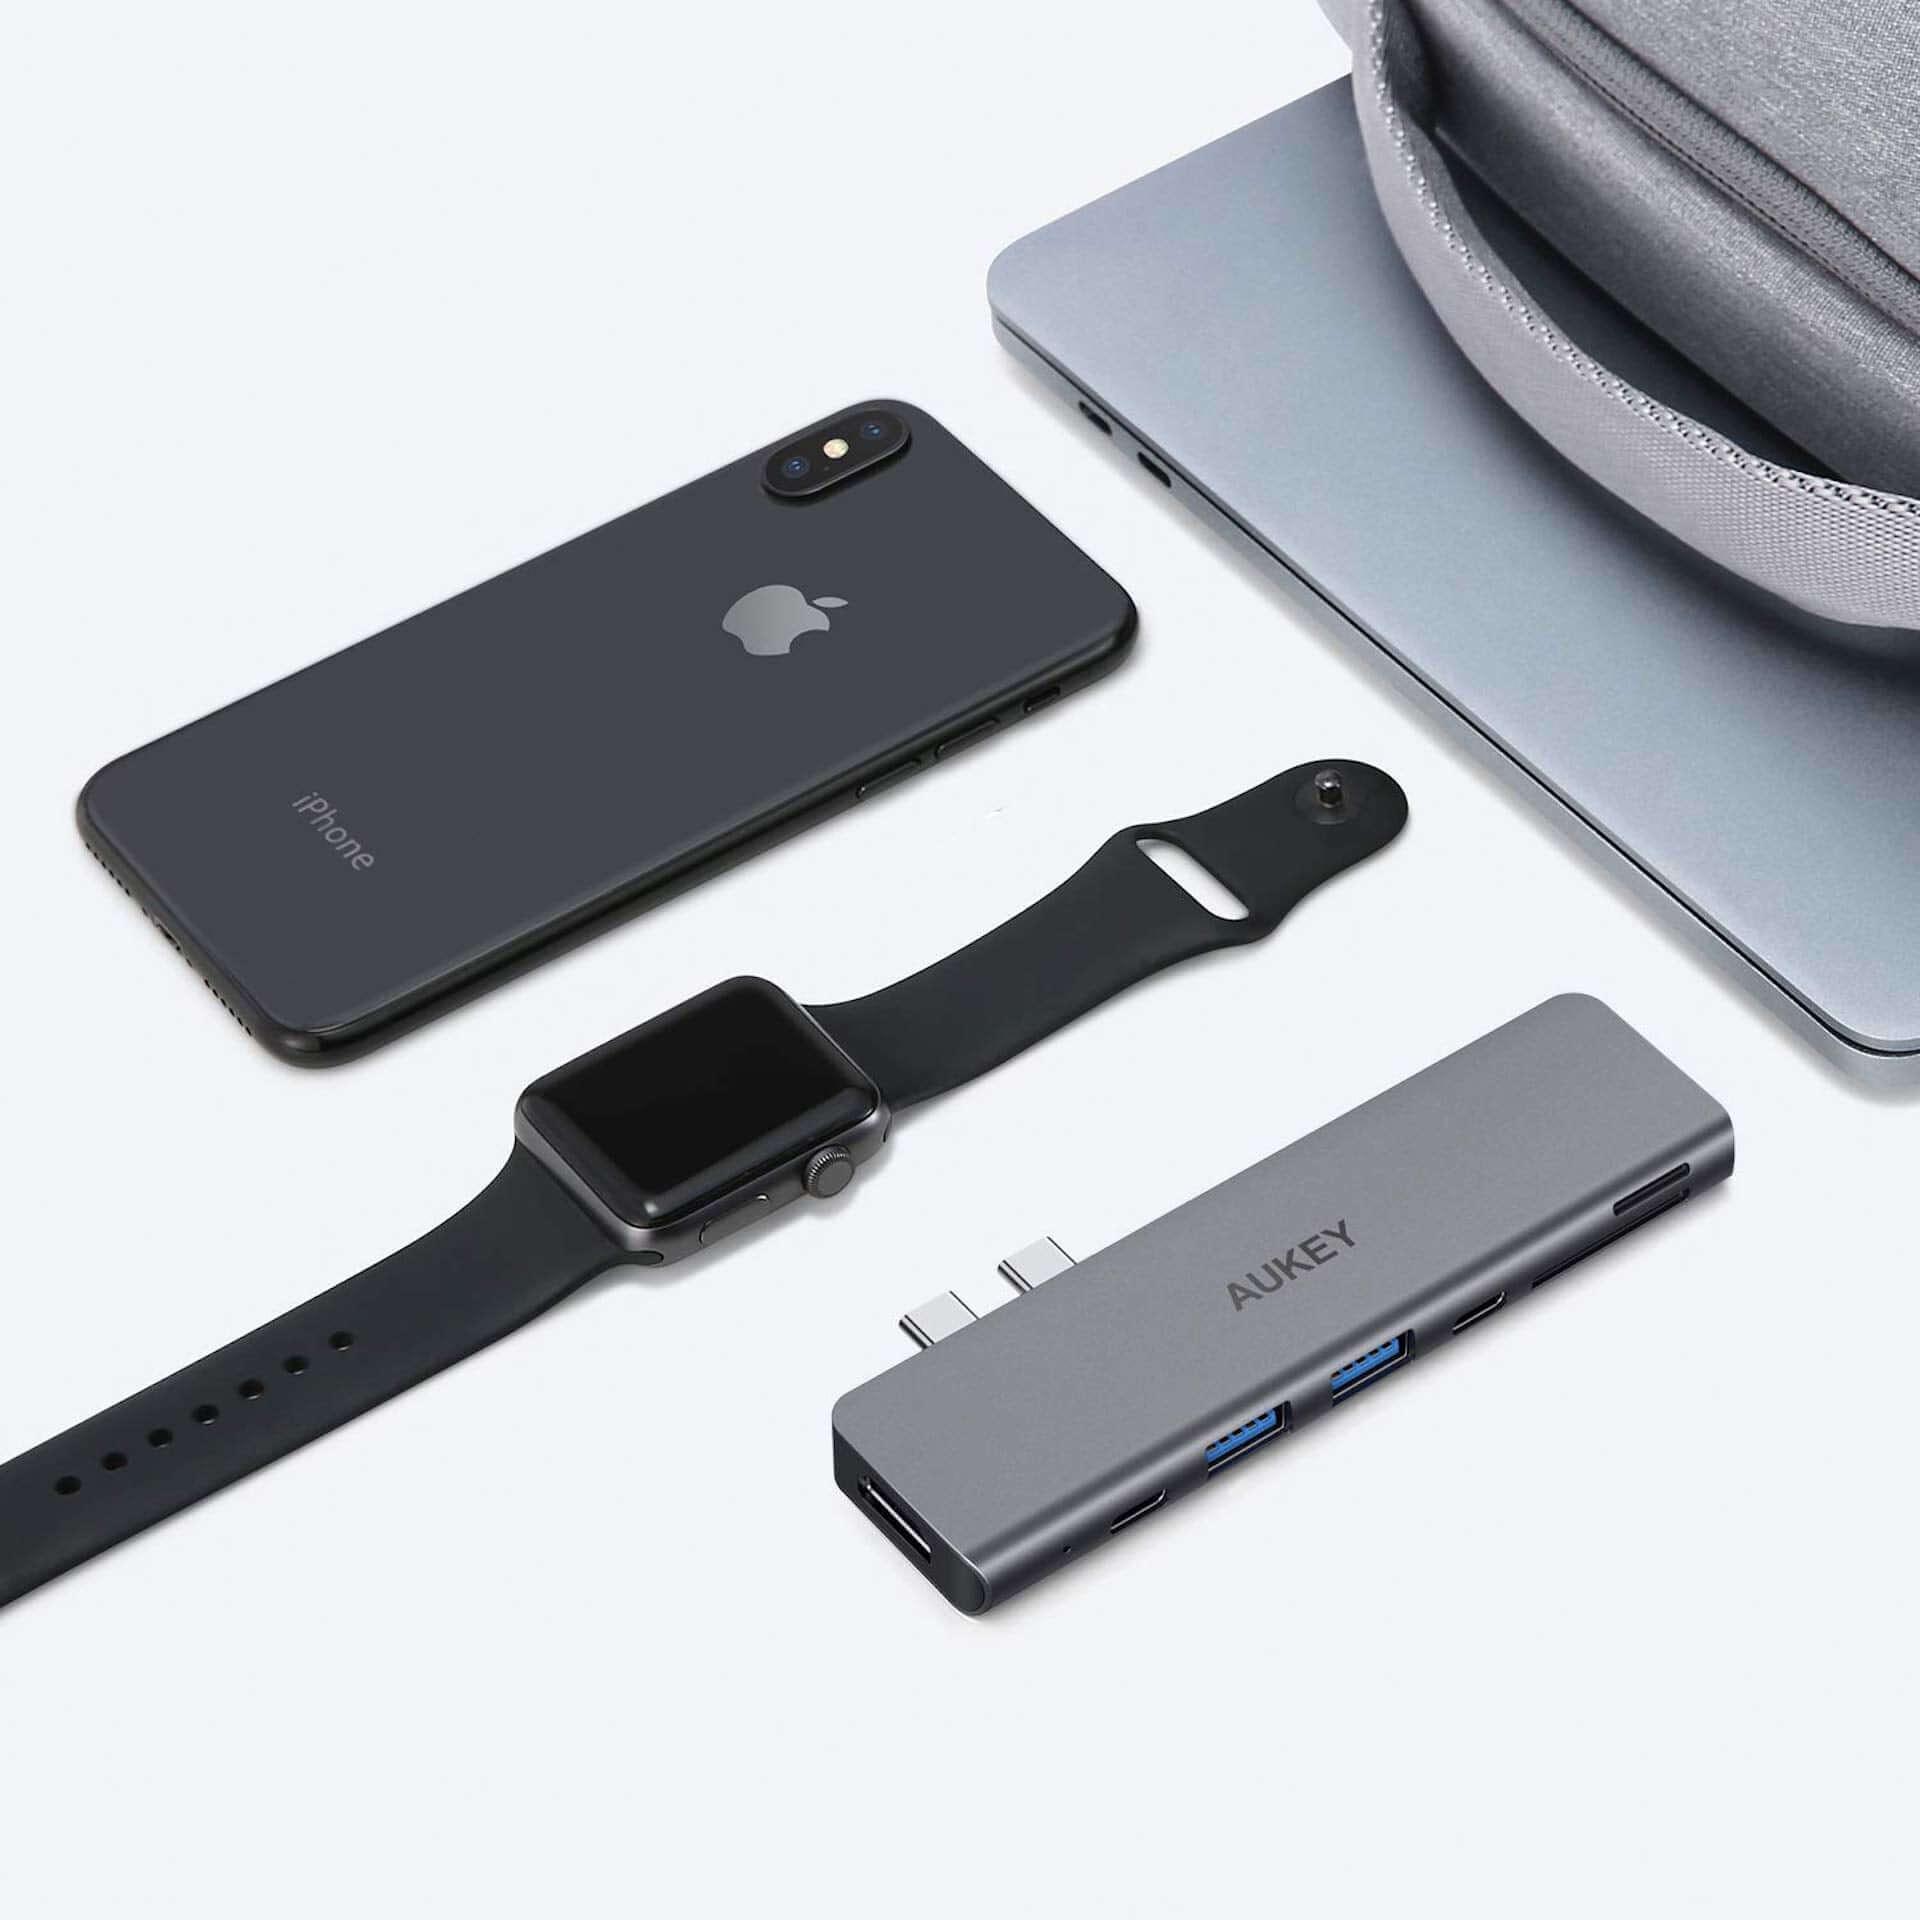 USB 3.0ポート×2、HDMI&SDなど7つのポートが1つに!AUKEYマルチハブがお手頃価格で登場 tech190823aukey-multihub_4-1920x1920